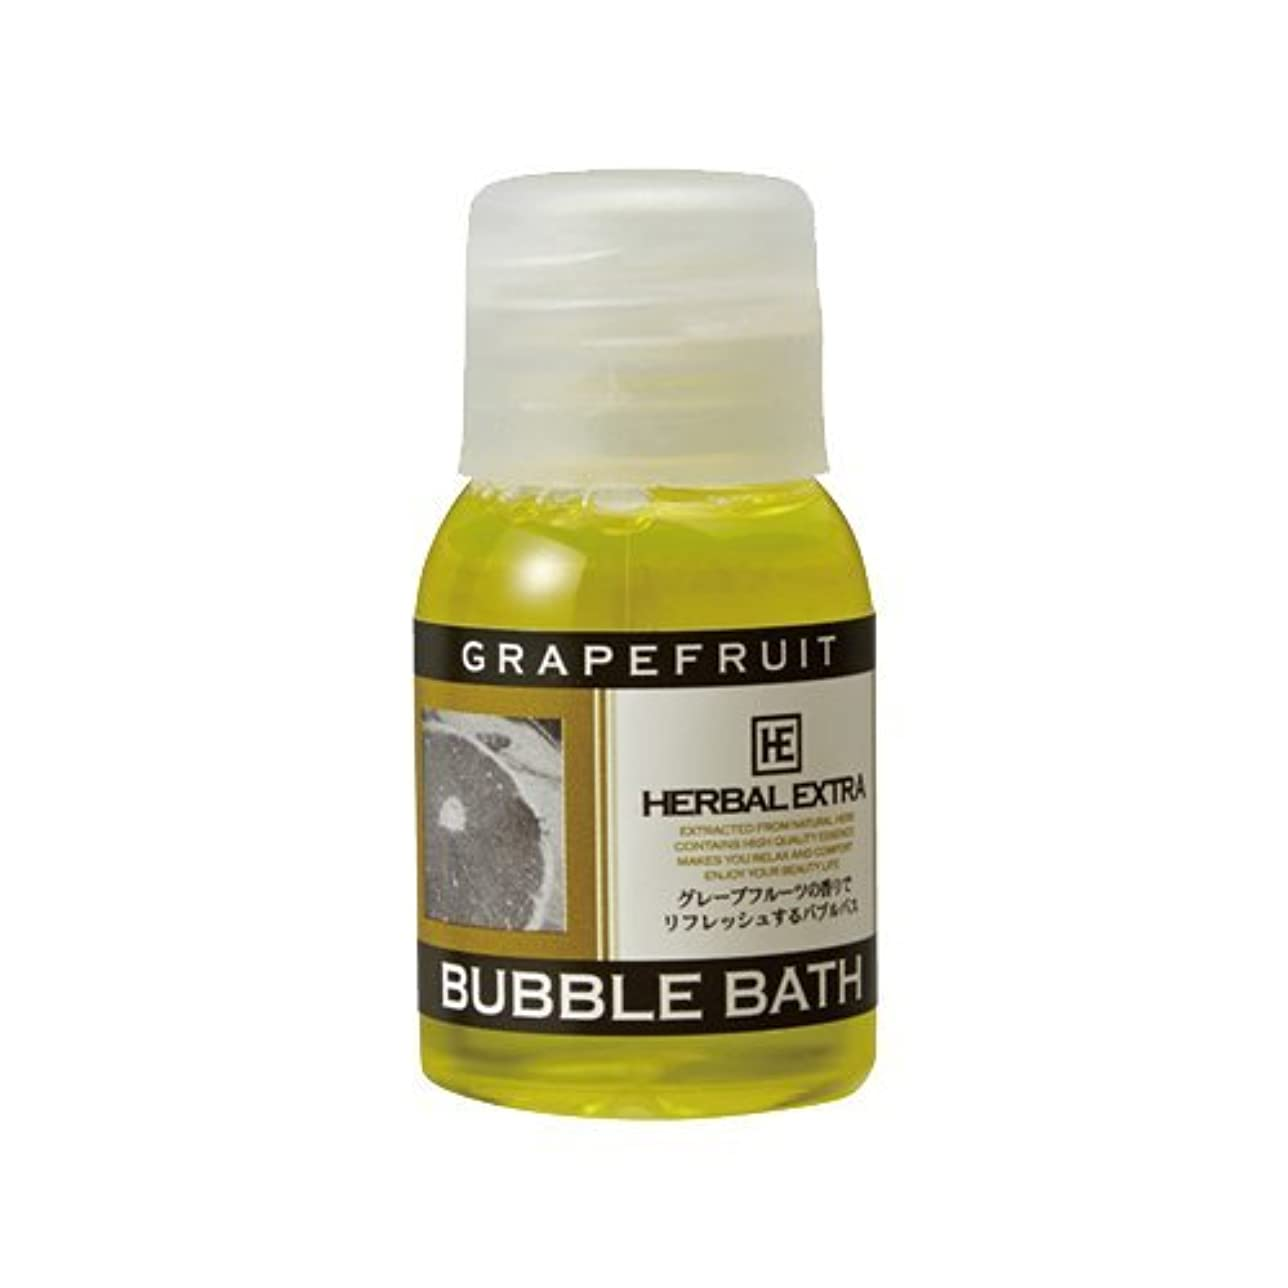 神秘取り戻す永遠にハーバルエクストラ バブルバス ミニボトル グレープフルーツの香り × 5個セット - ホテルアメニティ 業務用 発泡入浴剤 (BUBBLE BATH)